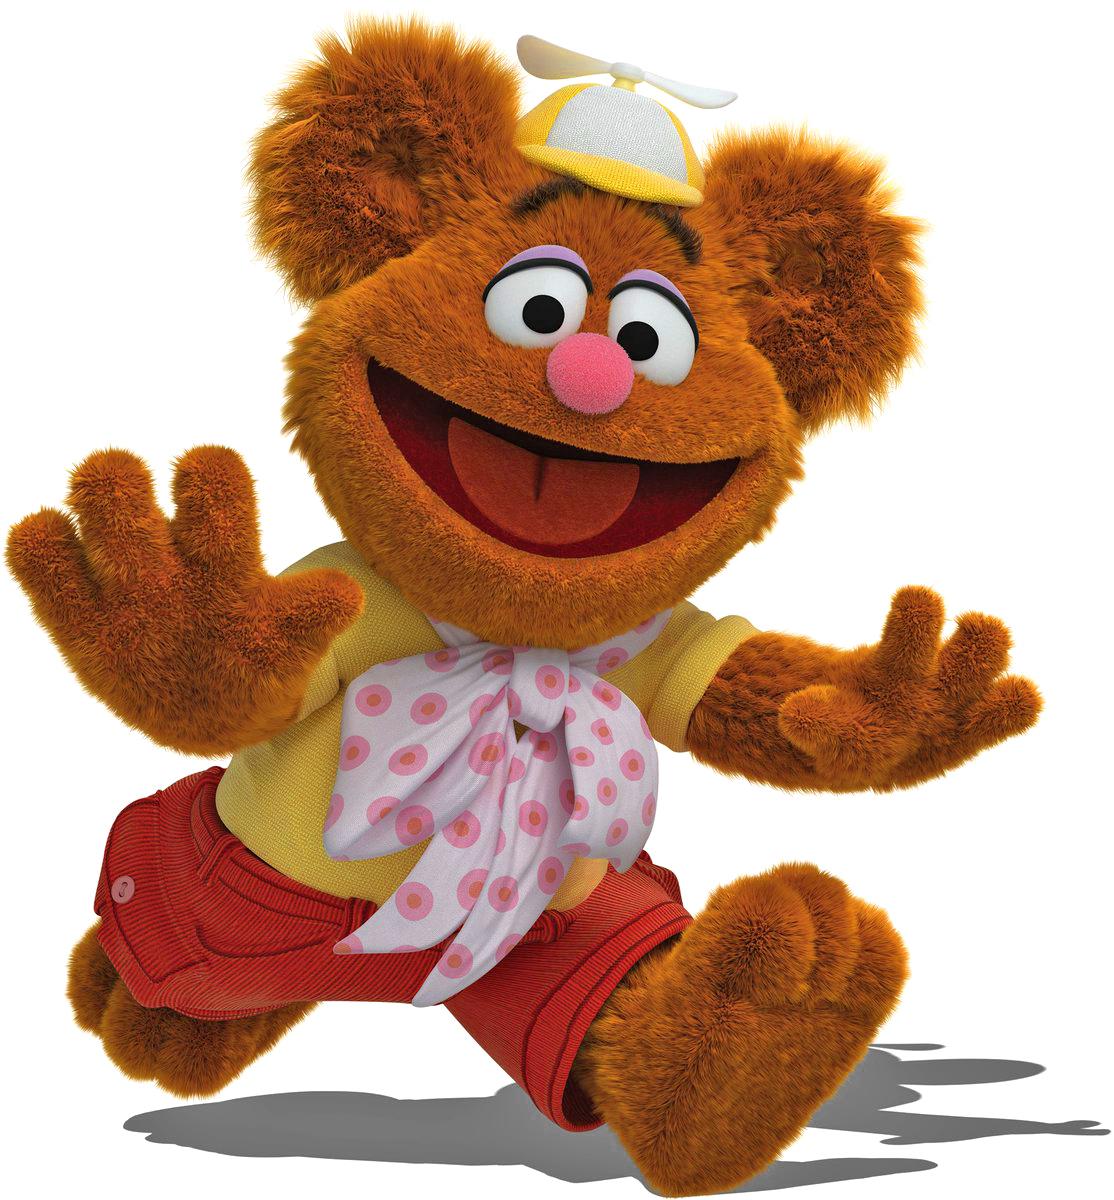 Baby Fozzie (Muppet Babies 2018)